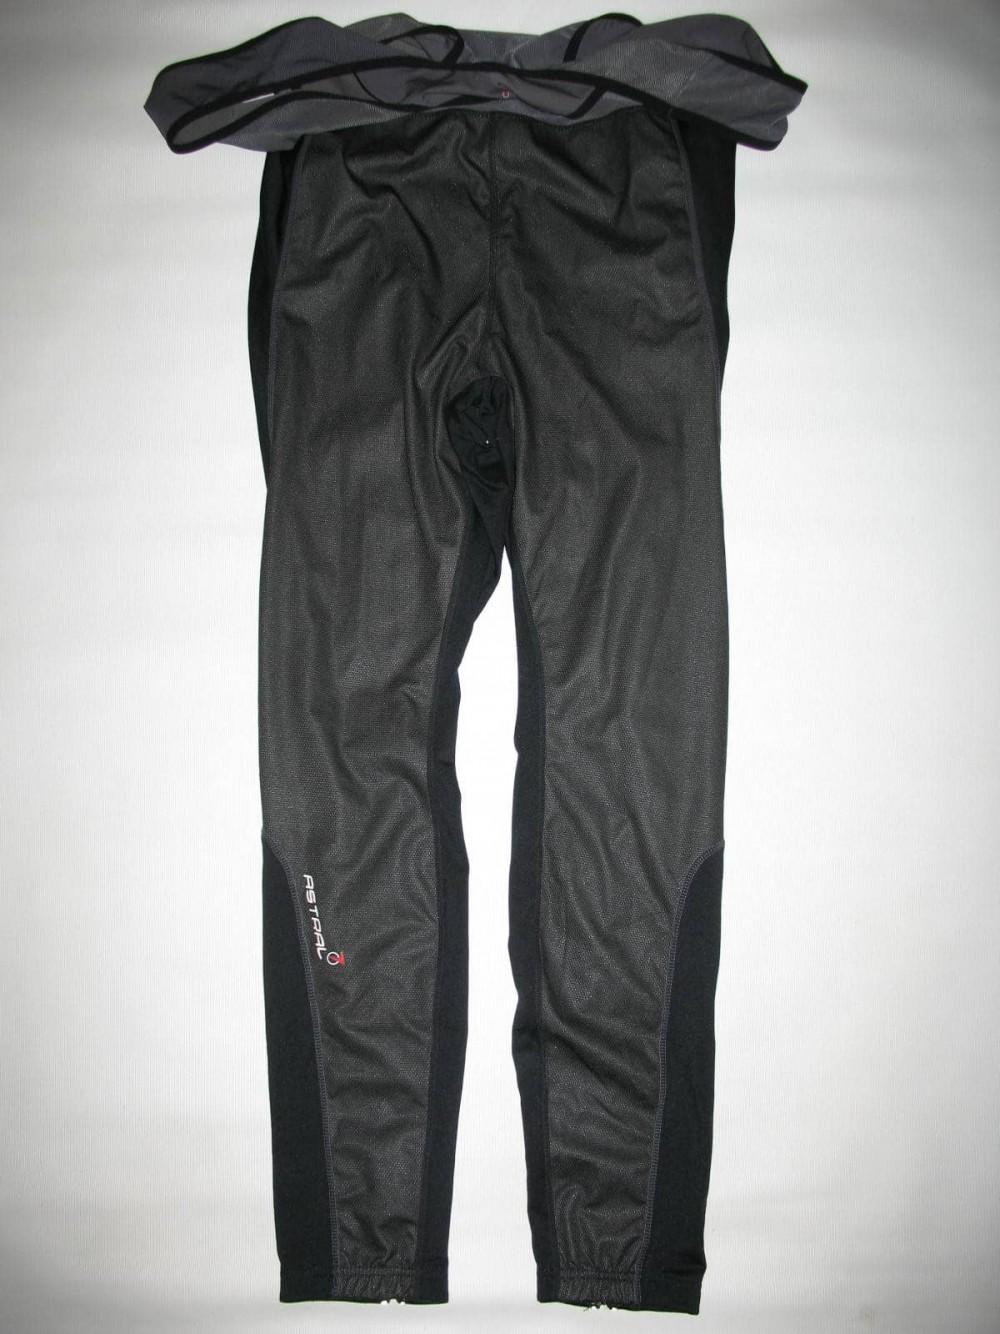 Велобрюки ASTRAL biking bib tight long pants (размер XL/XXL) - 2